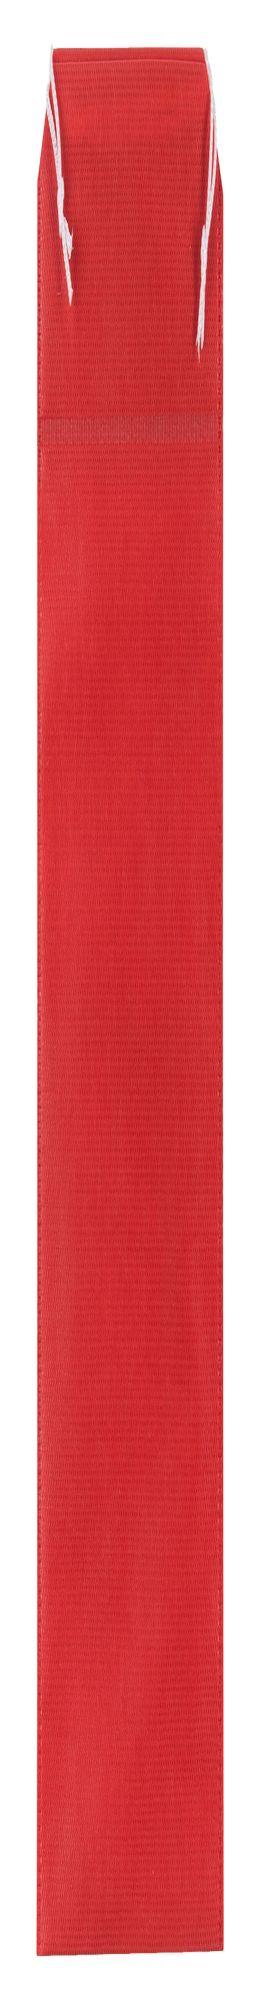 Пакет Smenka, красный фото